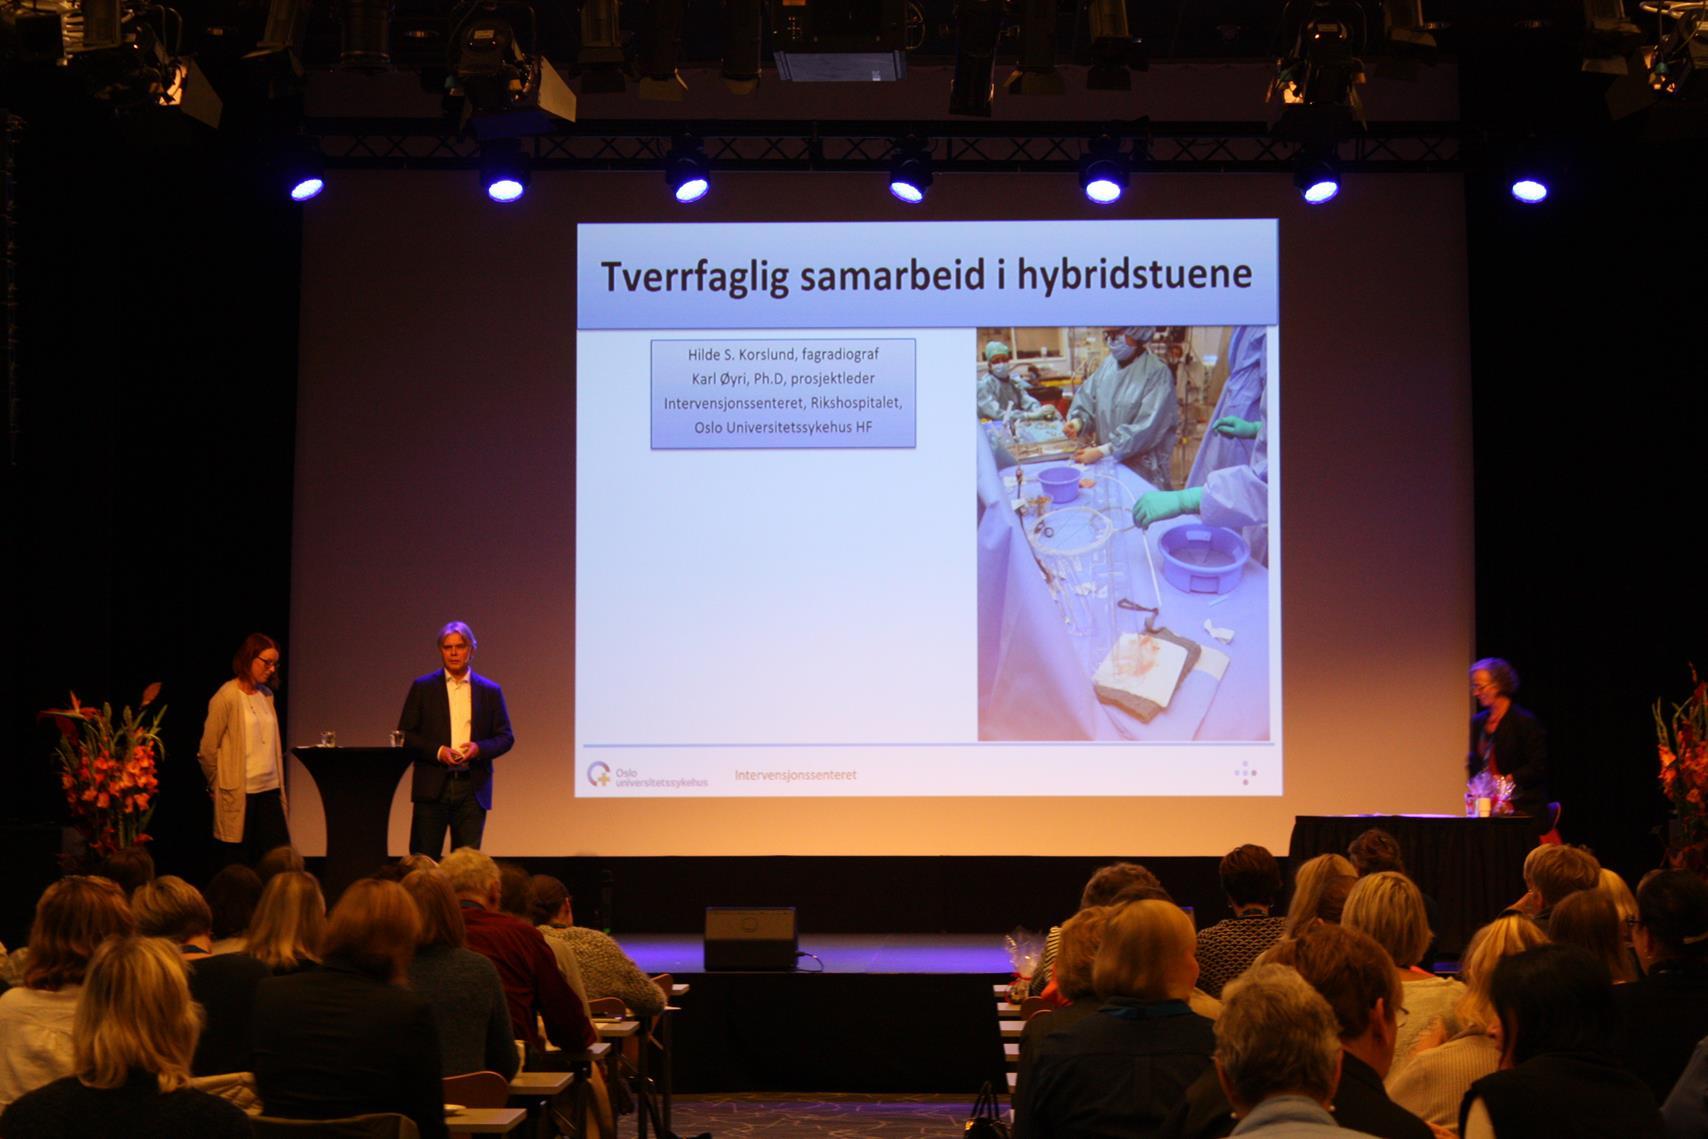 Hilde Sofie Korslund og Karl Øyri